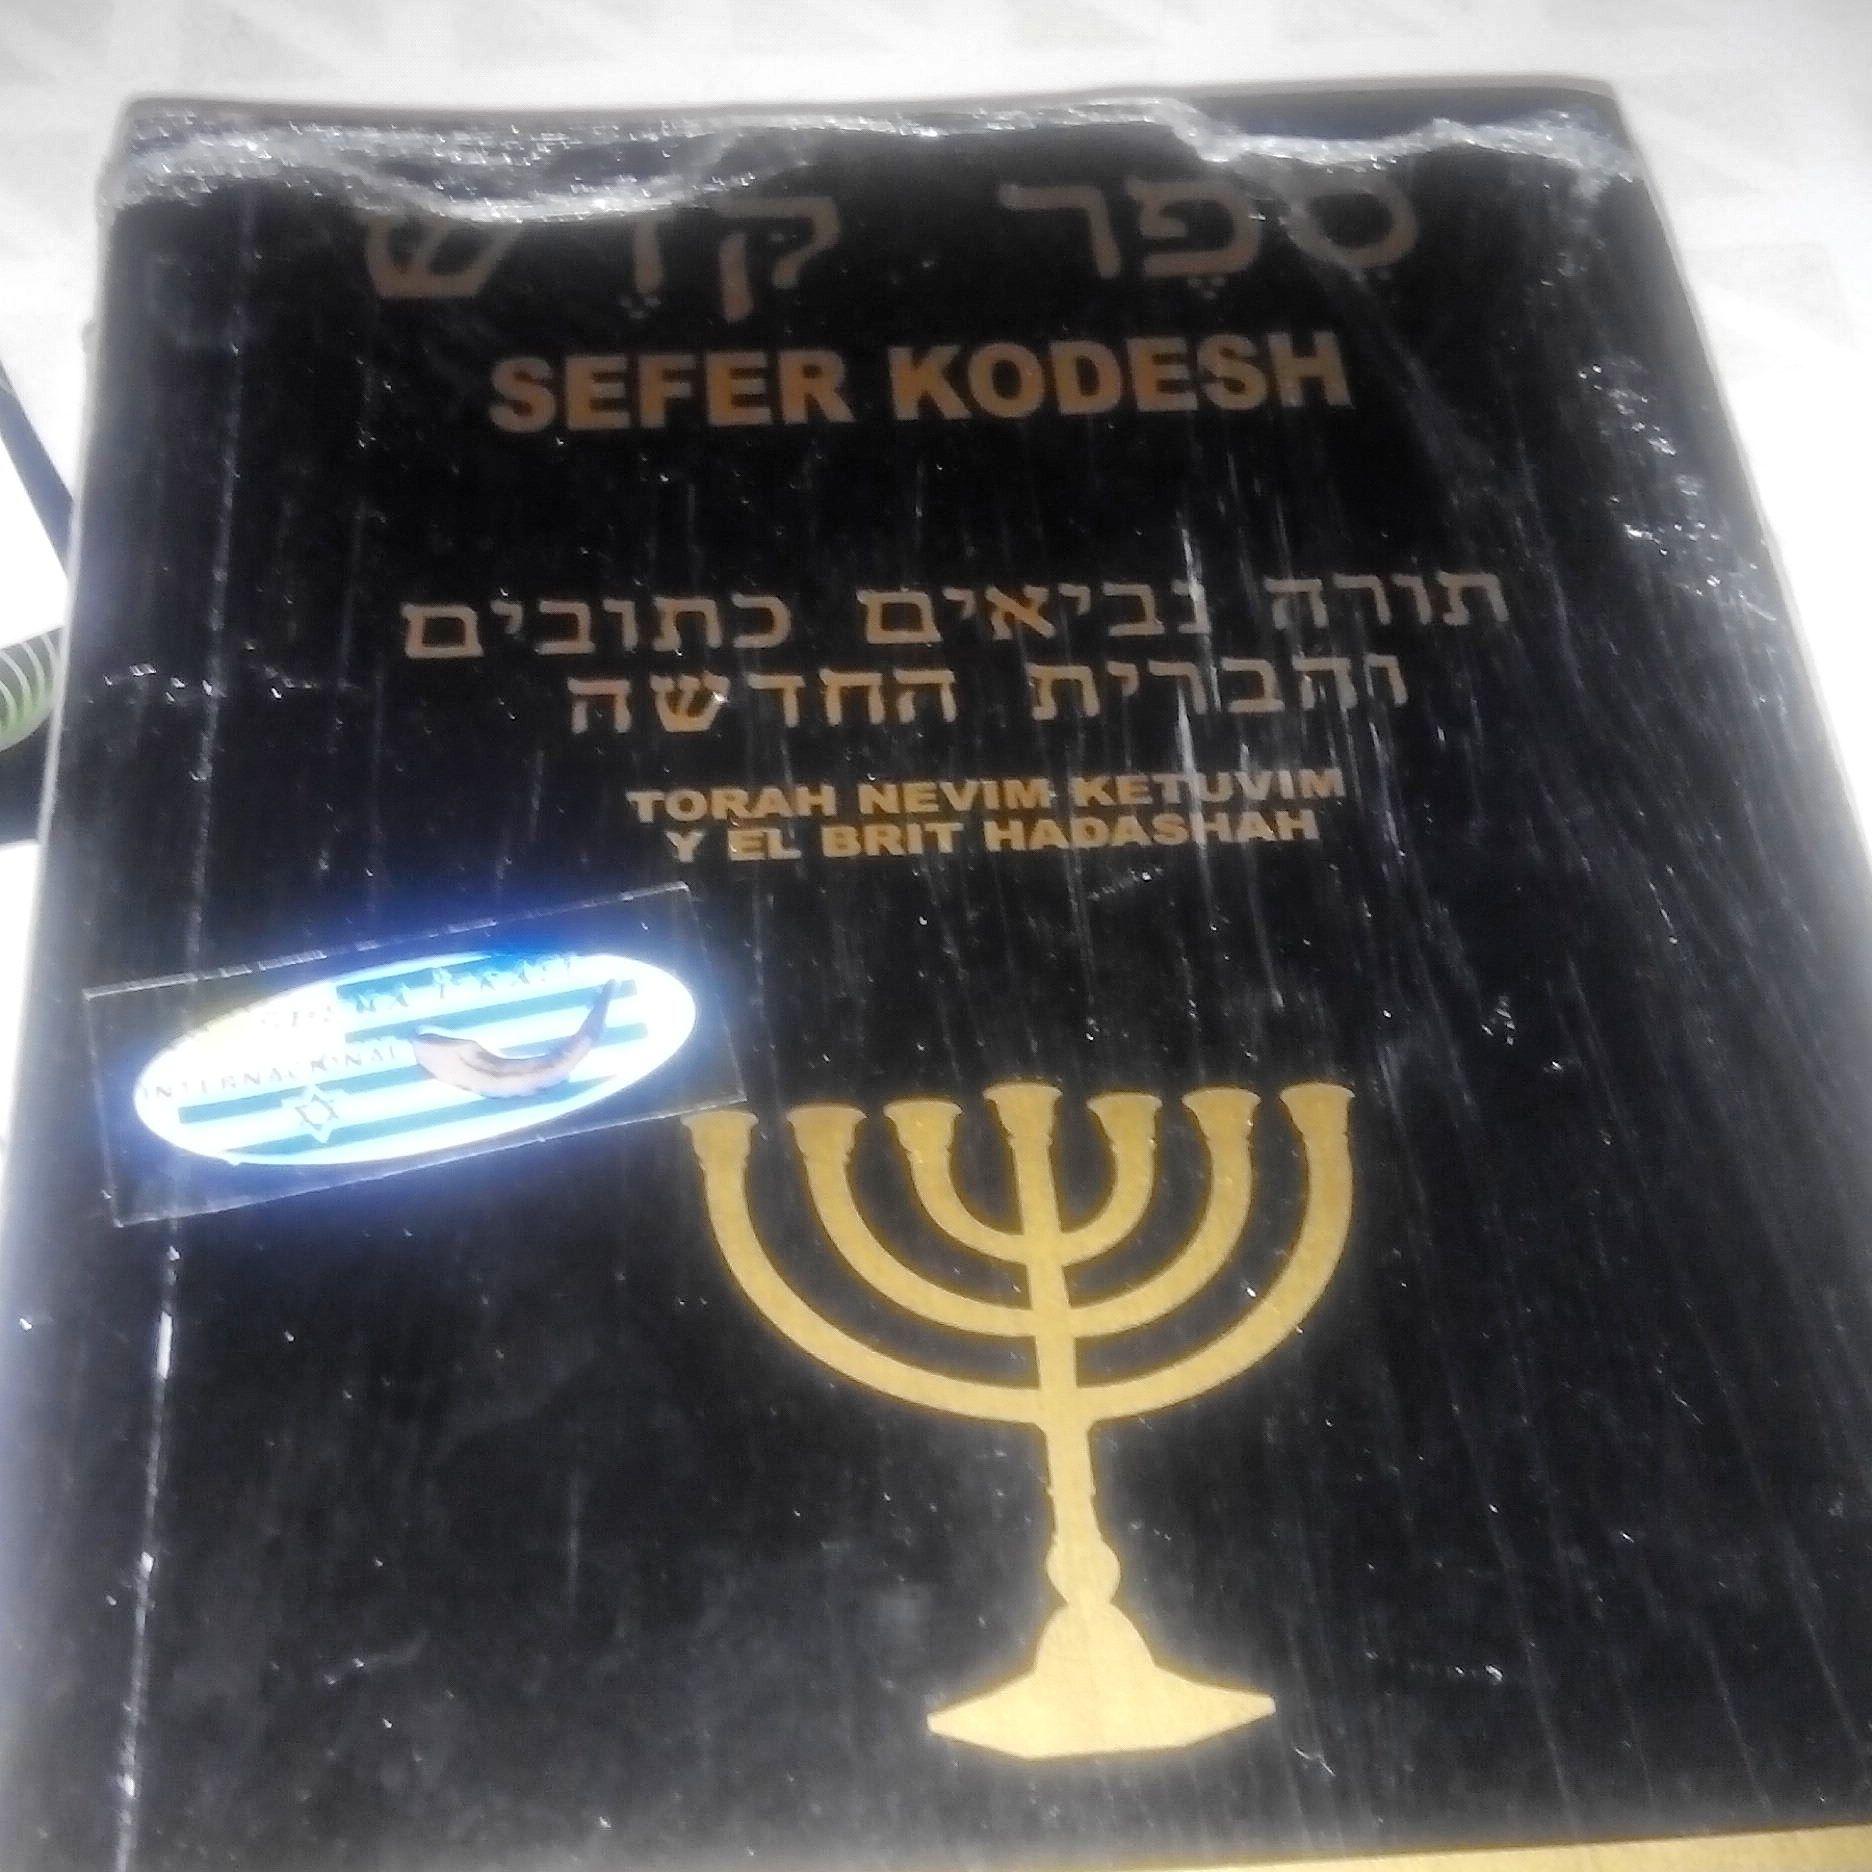 La Importancia De La Lengua Hebrea Lashon Hakodesh En Aquel